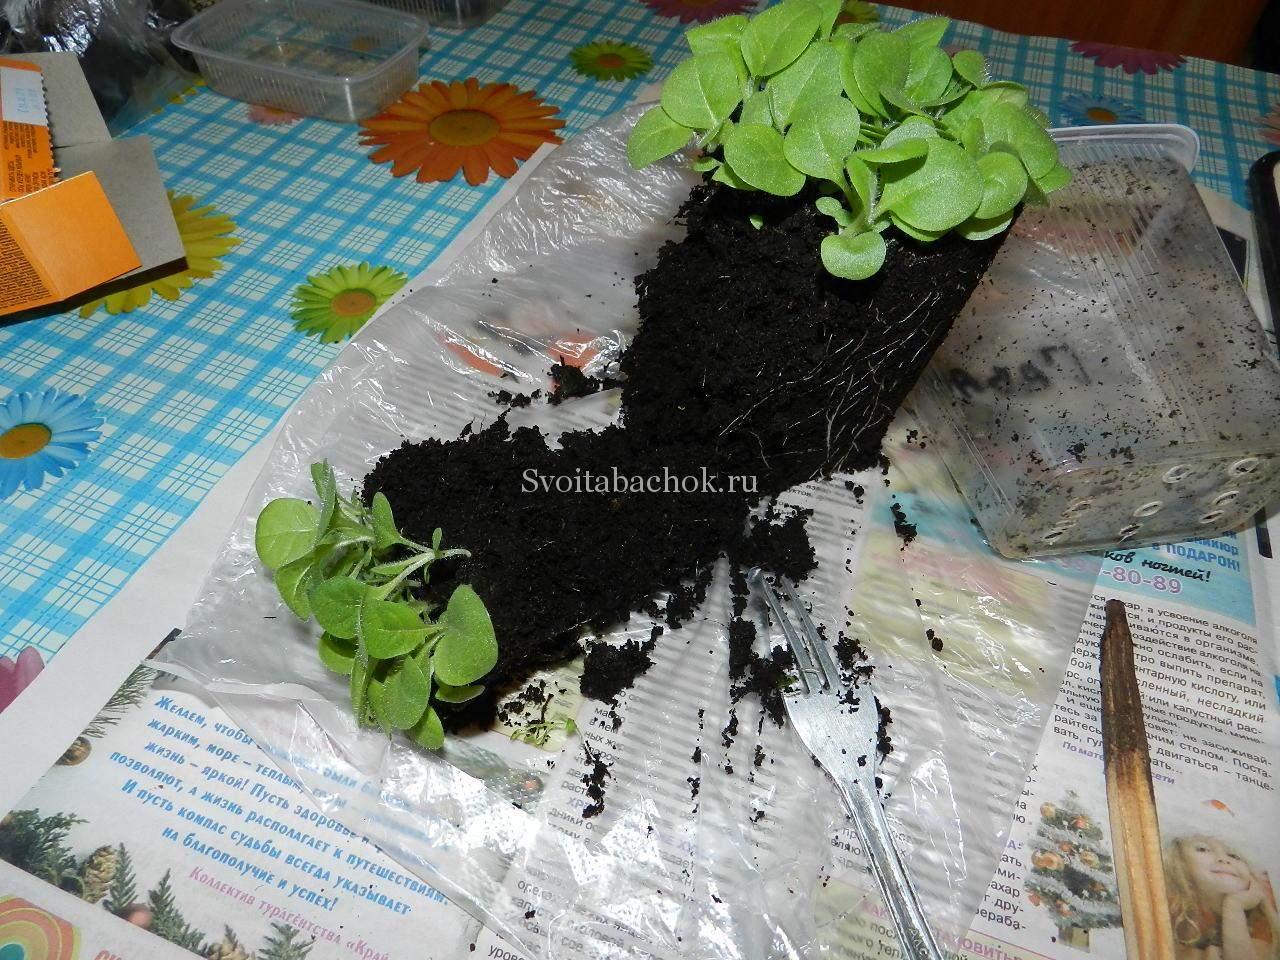 Табак фото цветов рассада когда сажать